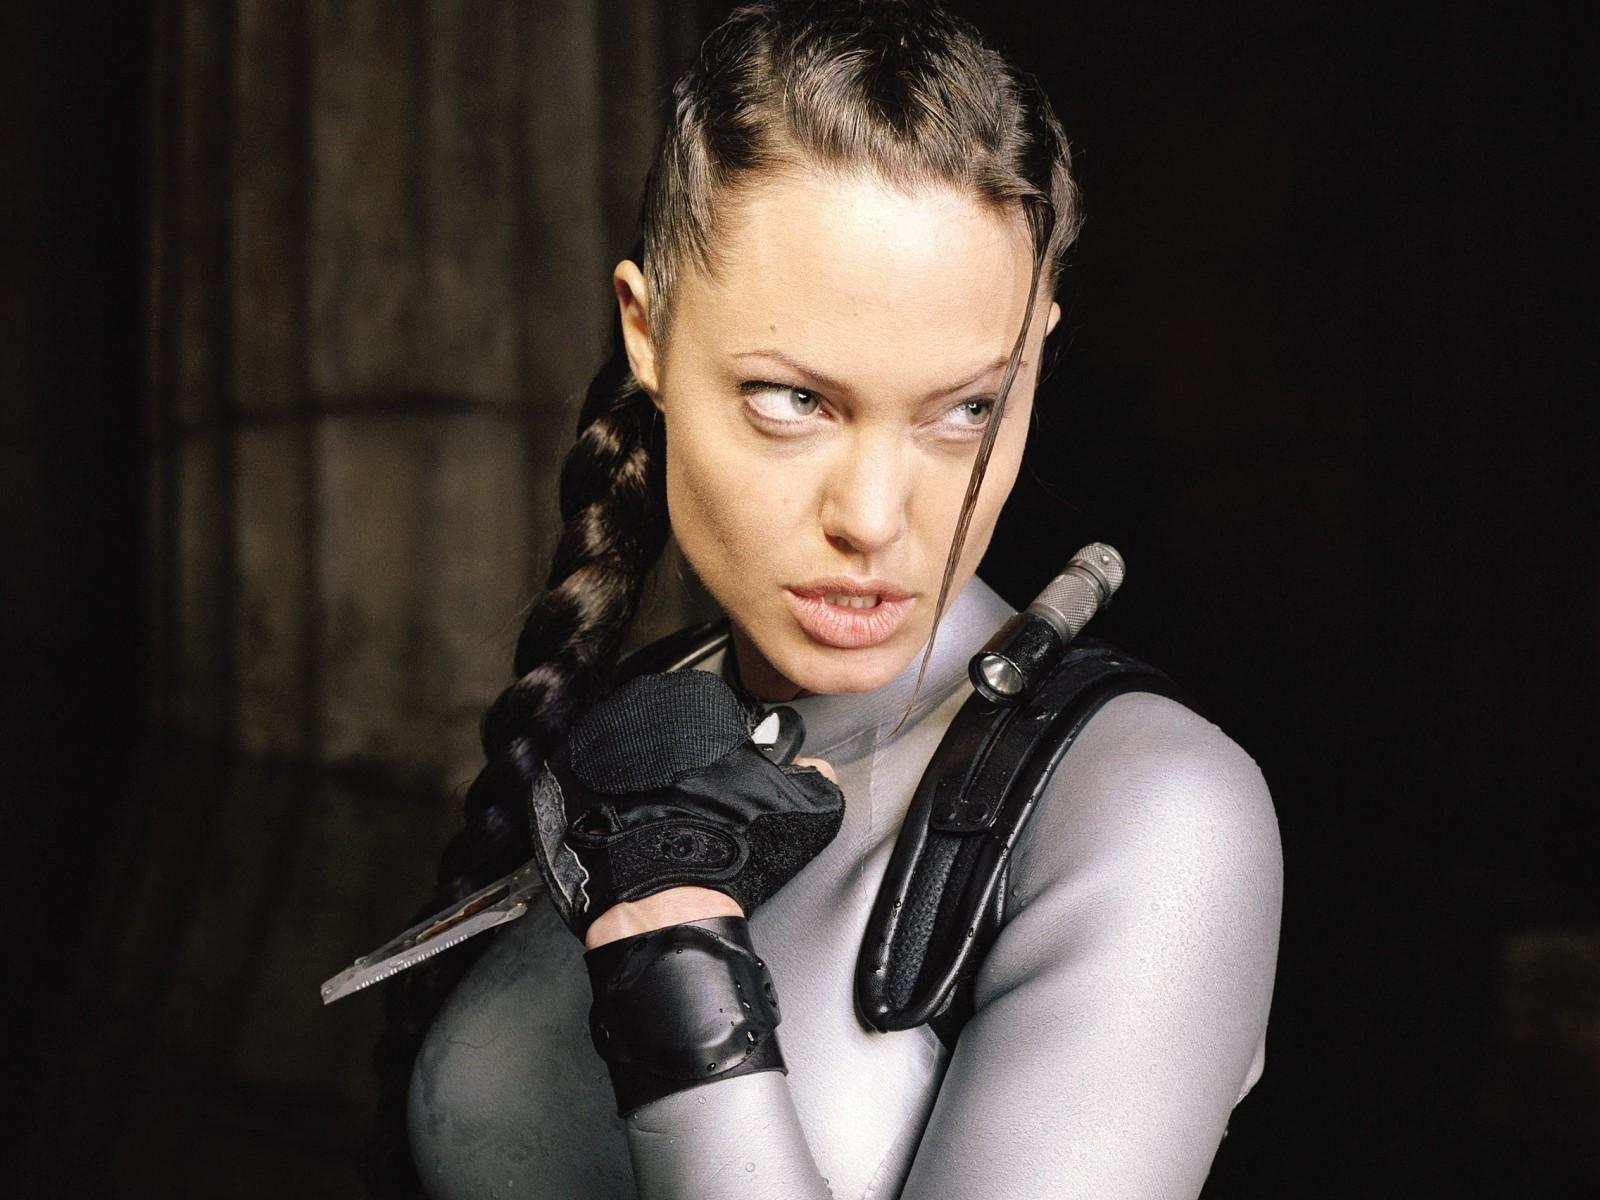 Анджеліні Джолі — 45! Згадуємо найважливіші фільми акторки